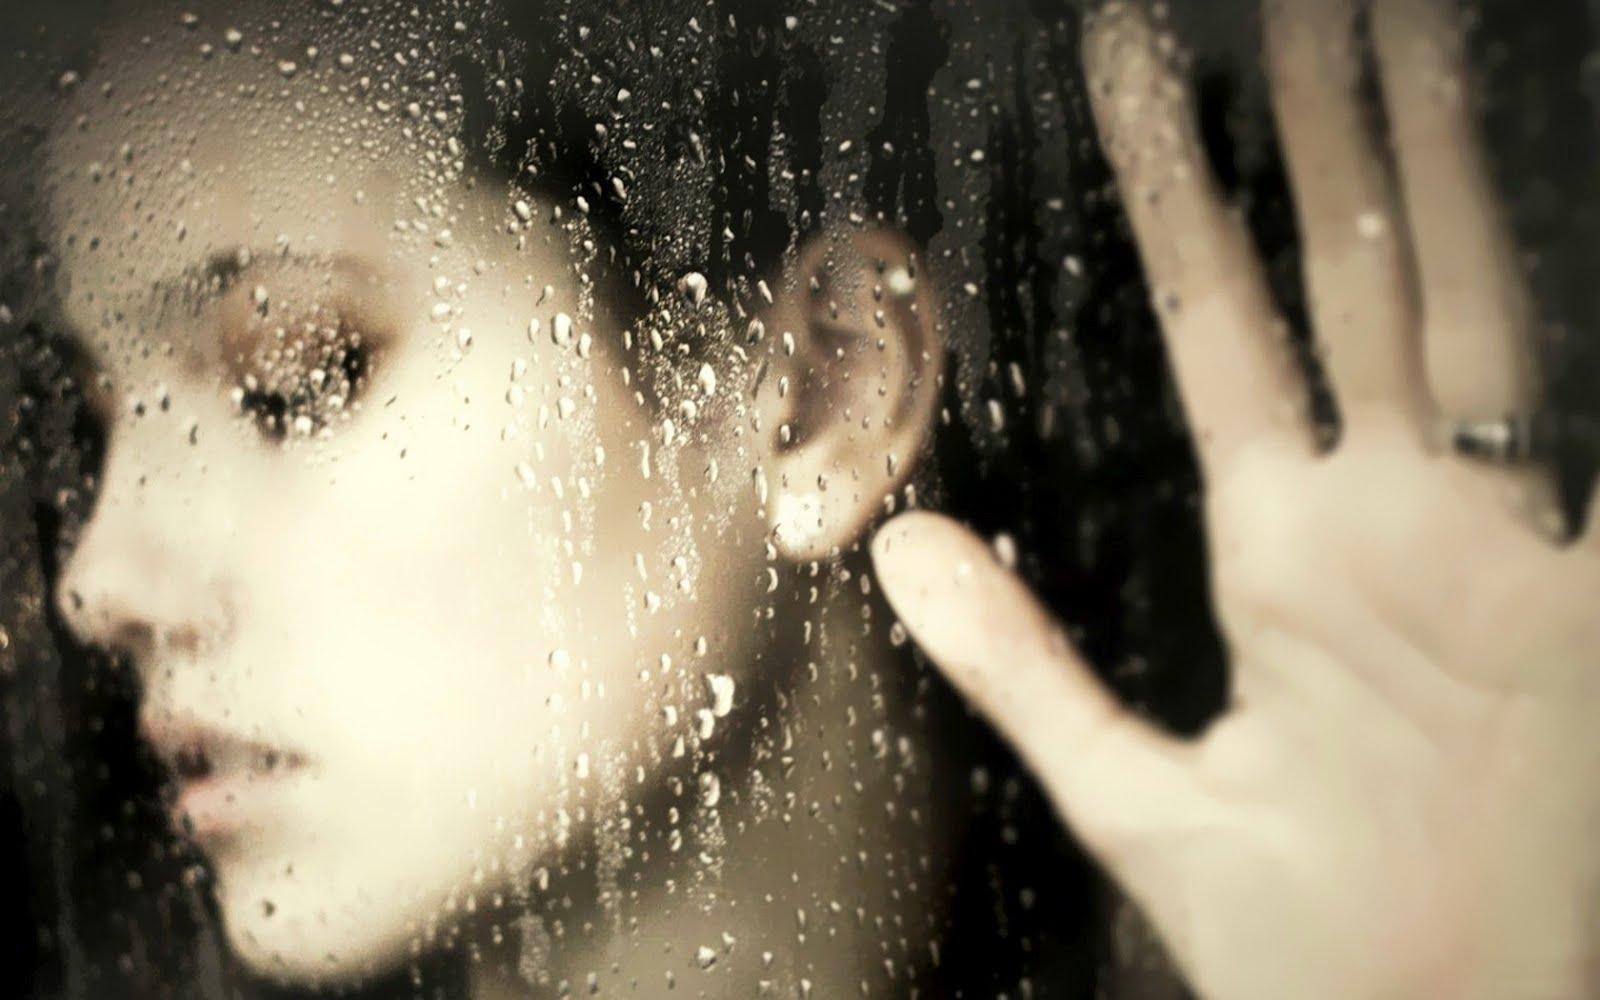 Foto Sad Lonely Girl in Rain